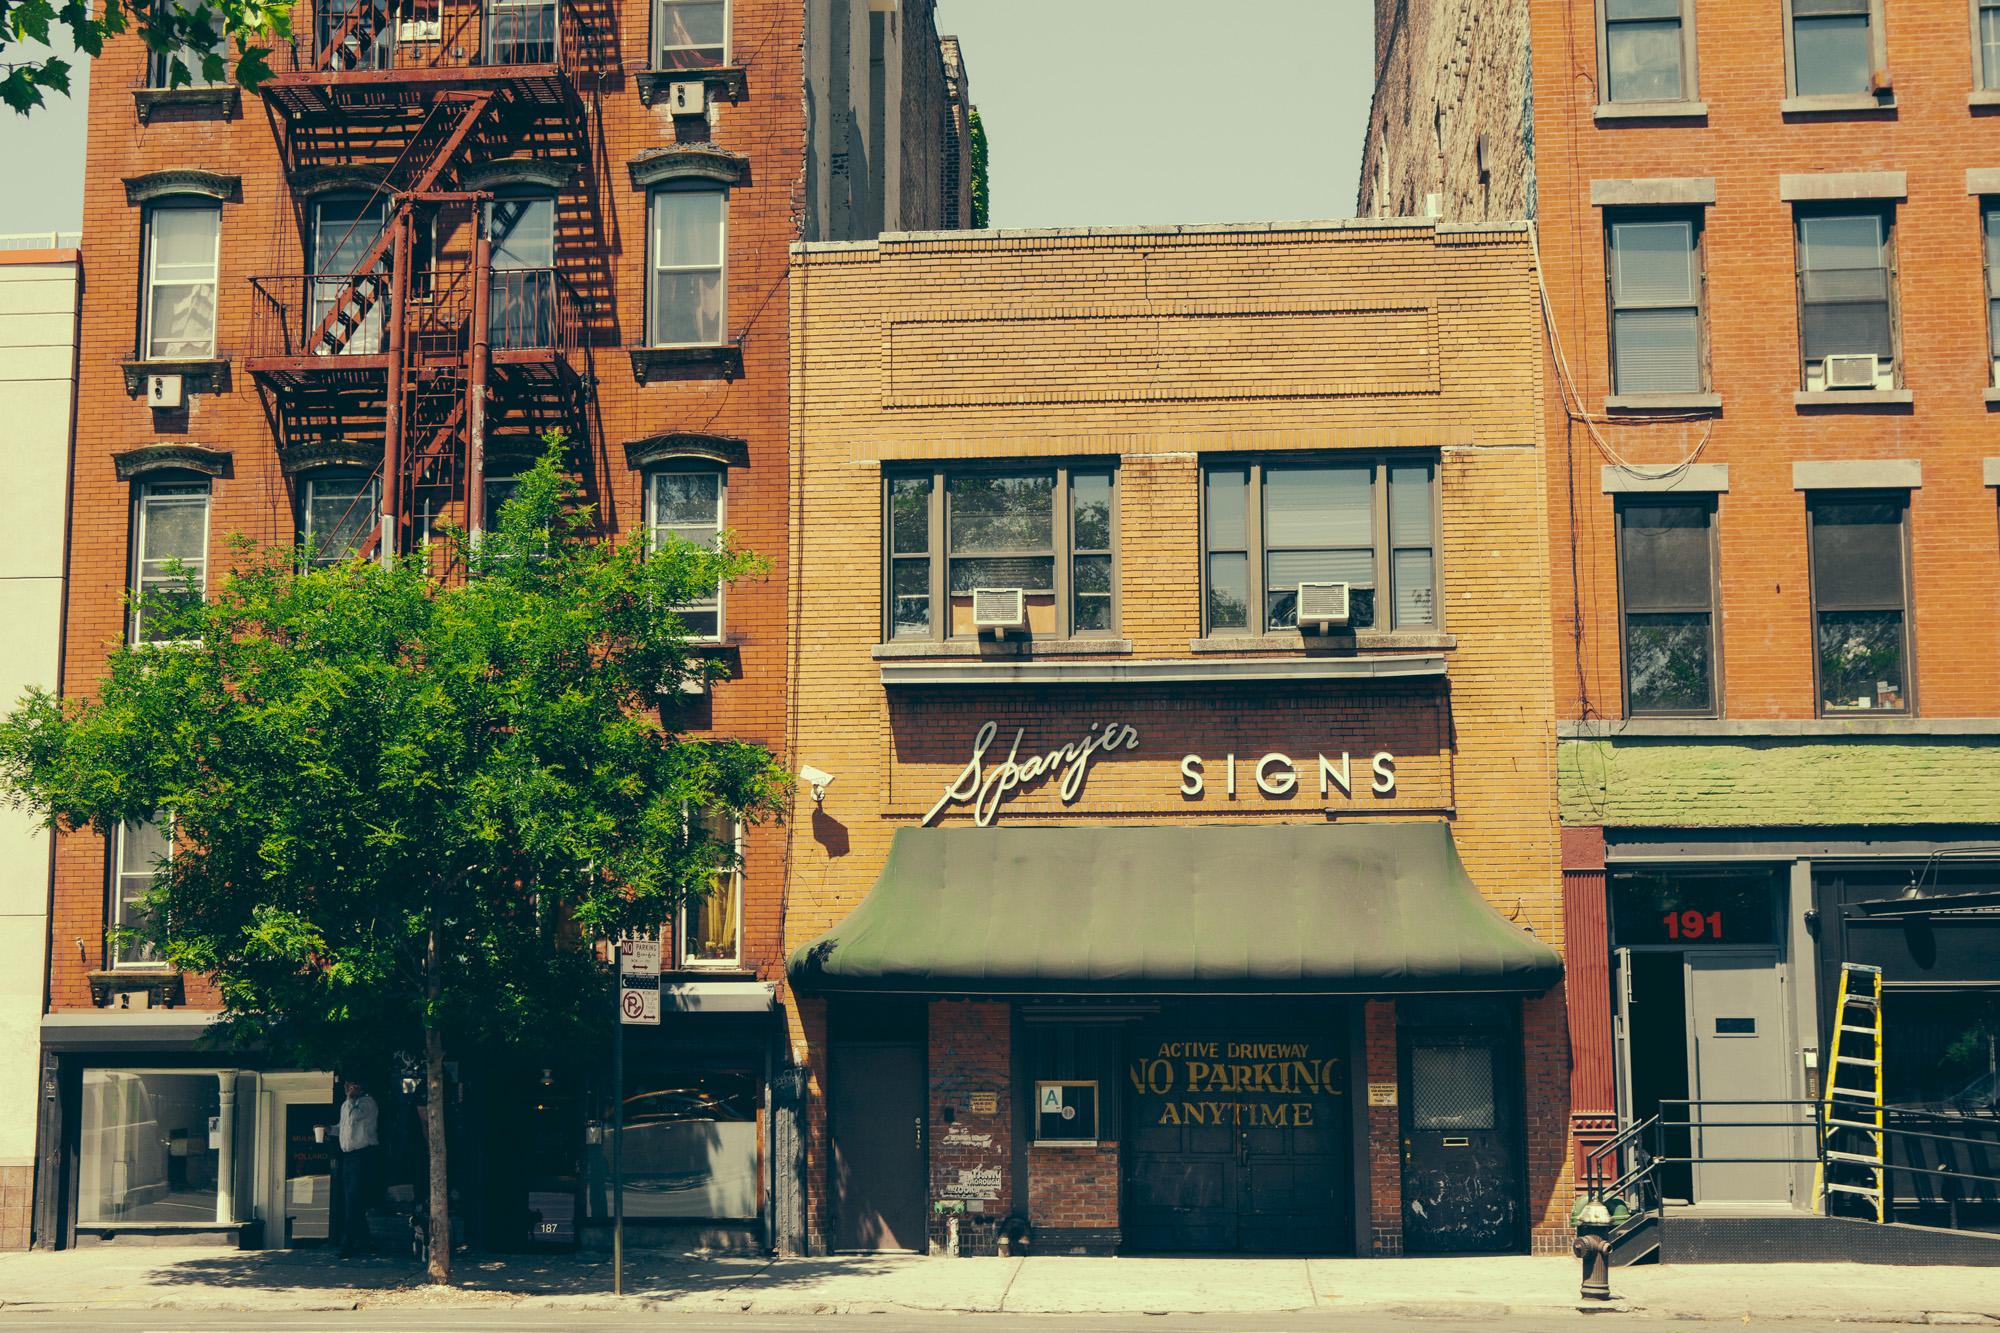 kyrani-kanavaros-new-york-photography-56.jpg